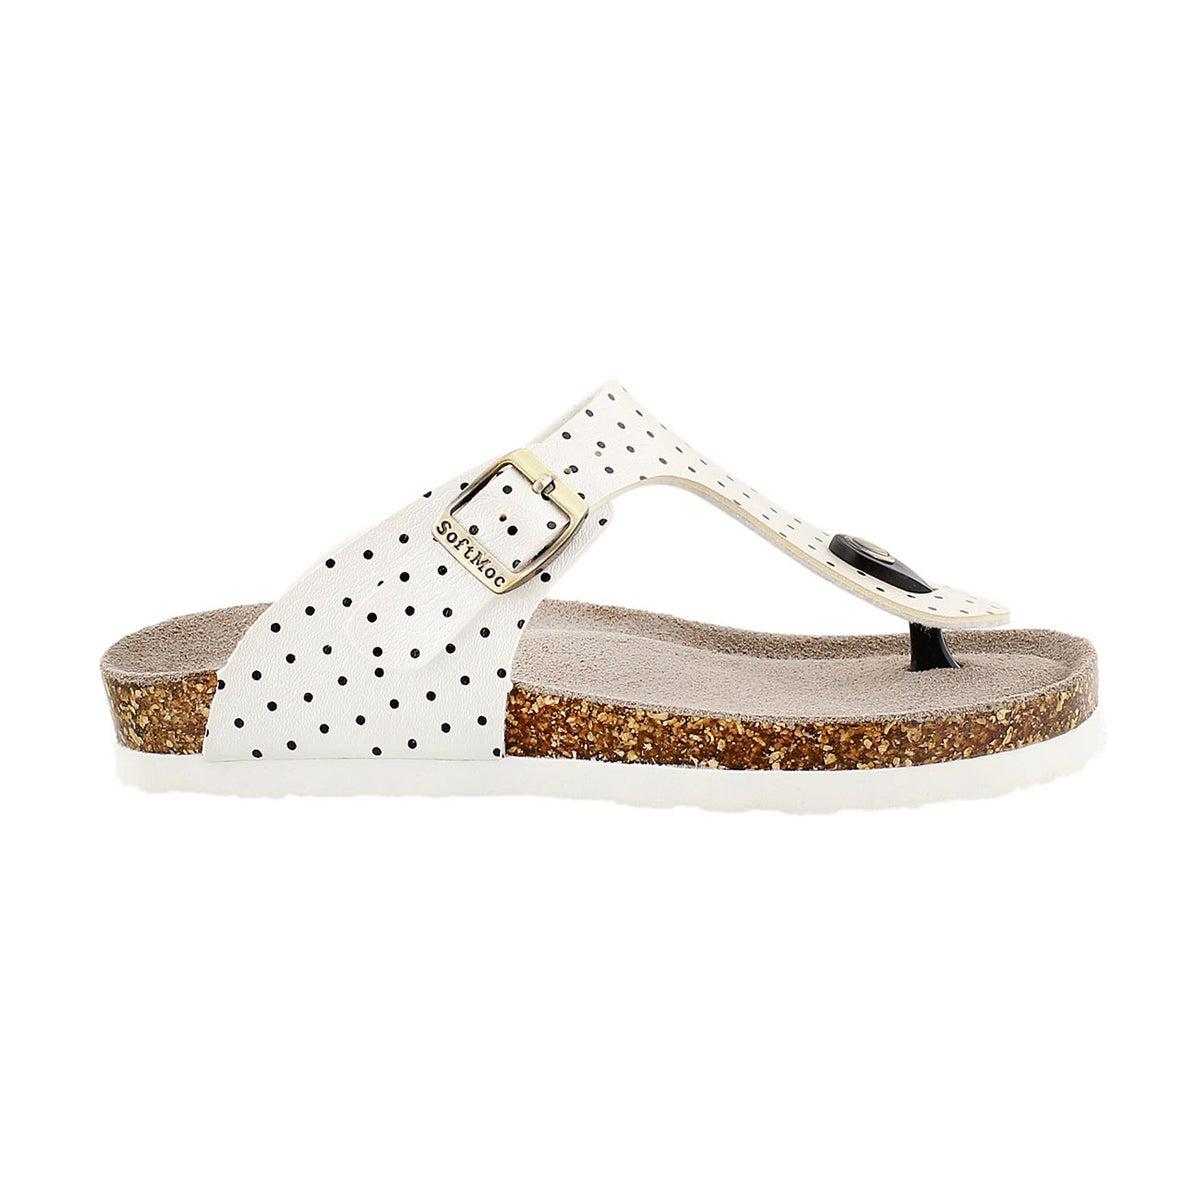 Grls Alison2 wht/blk dot thong sandal